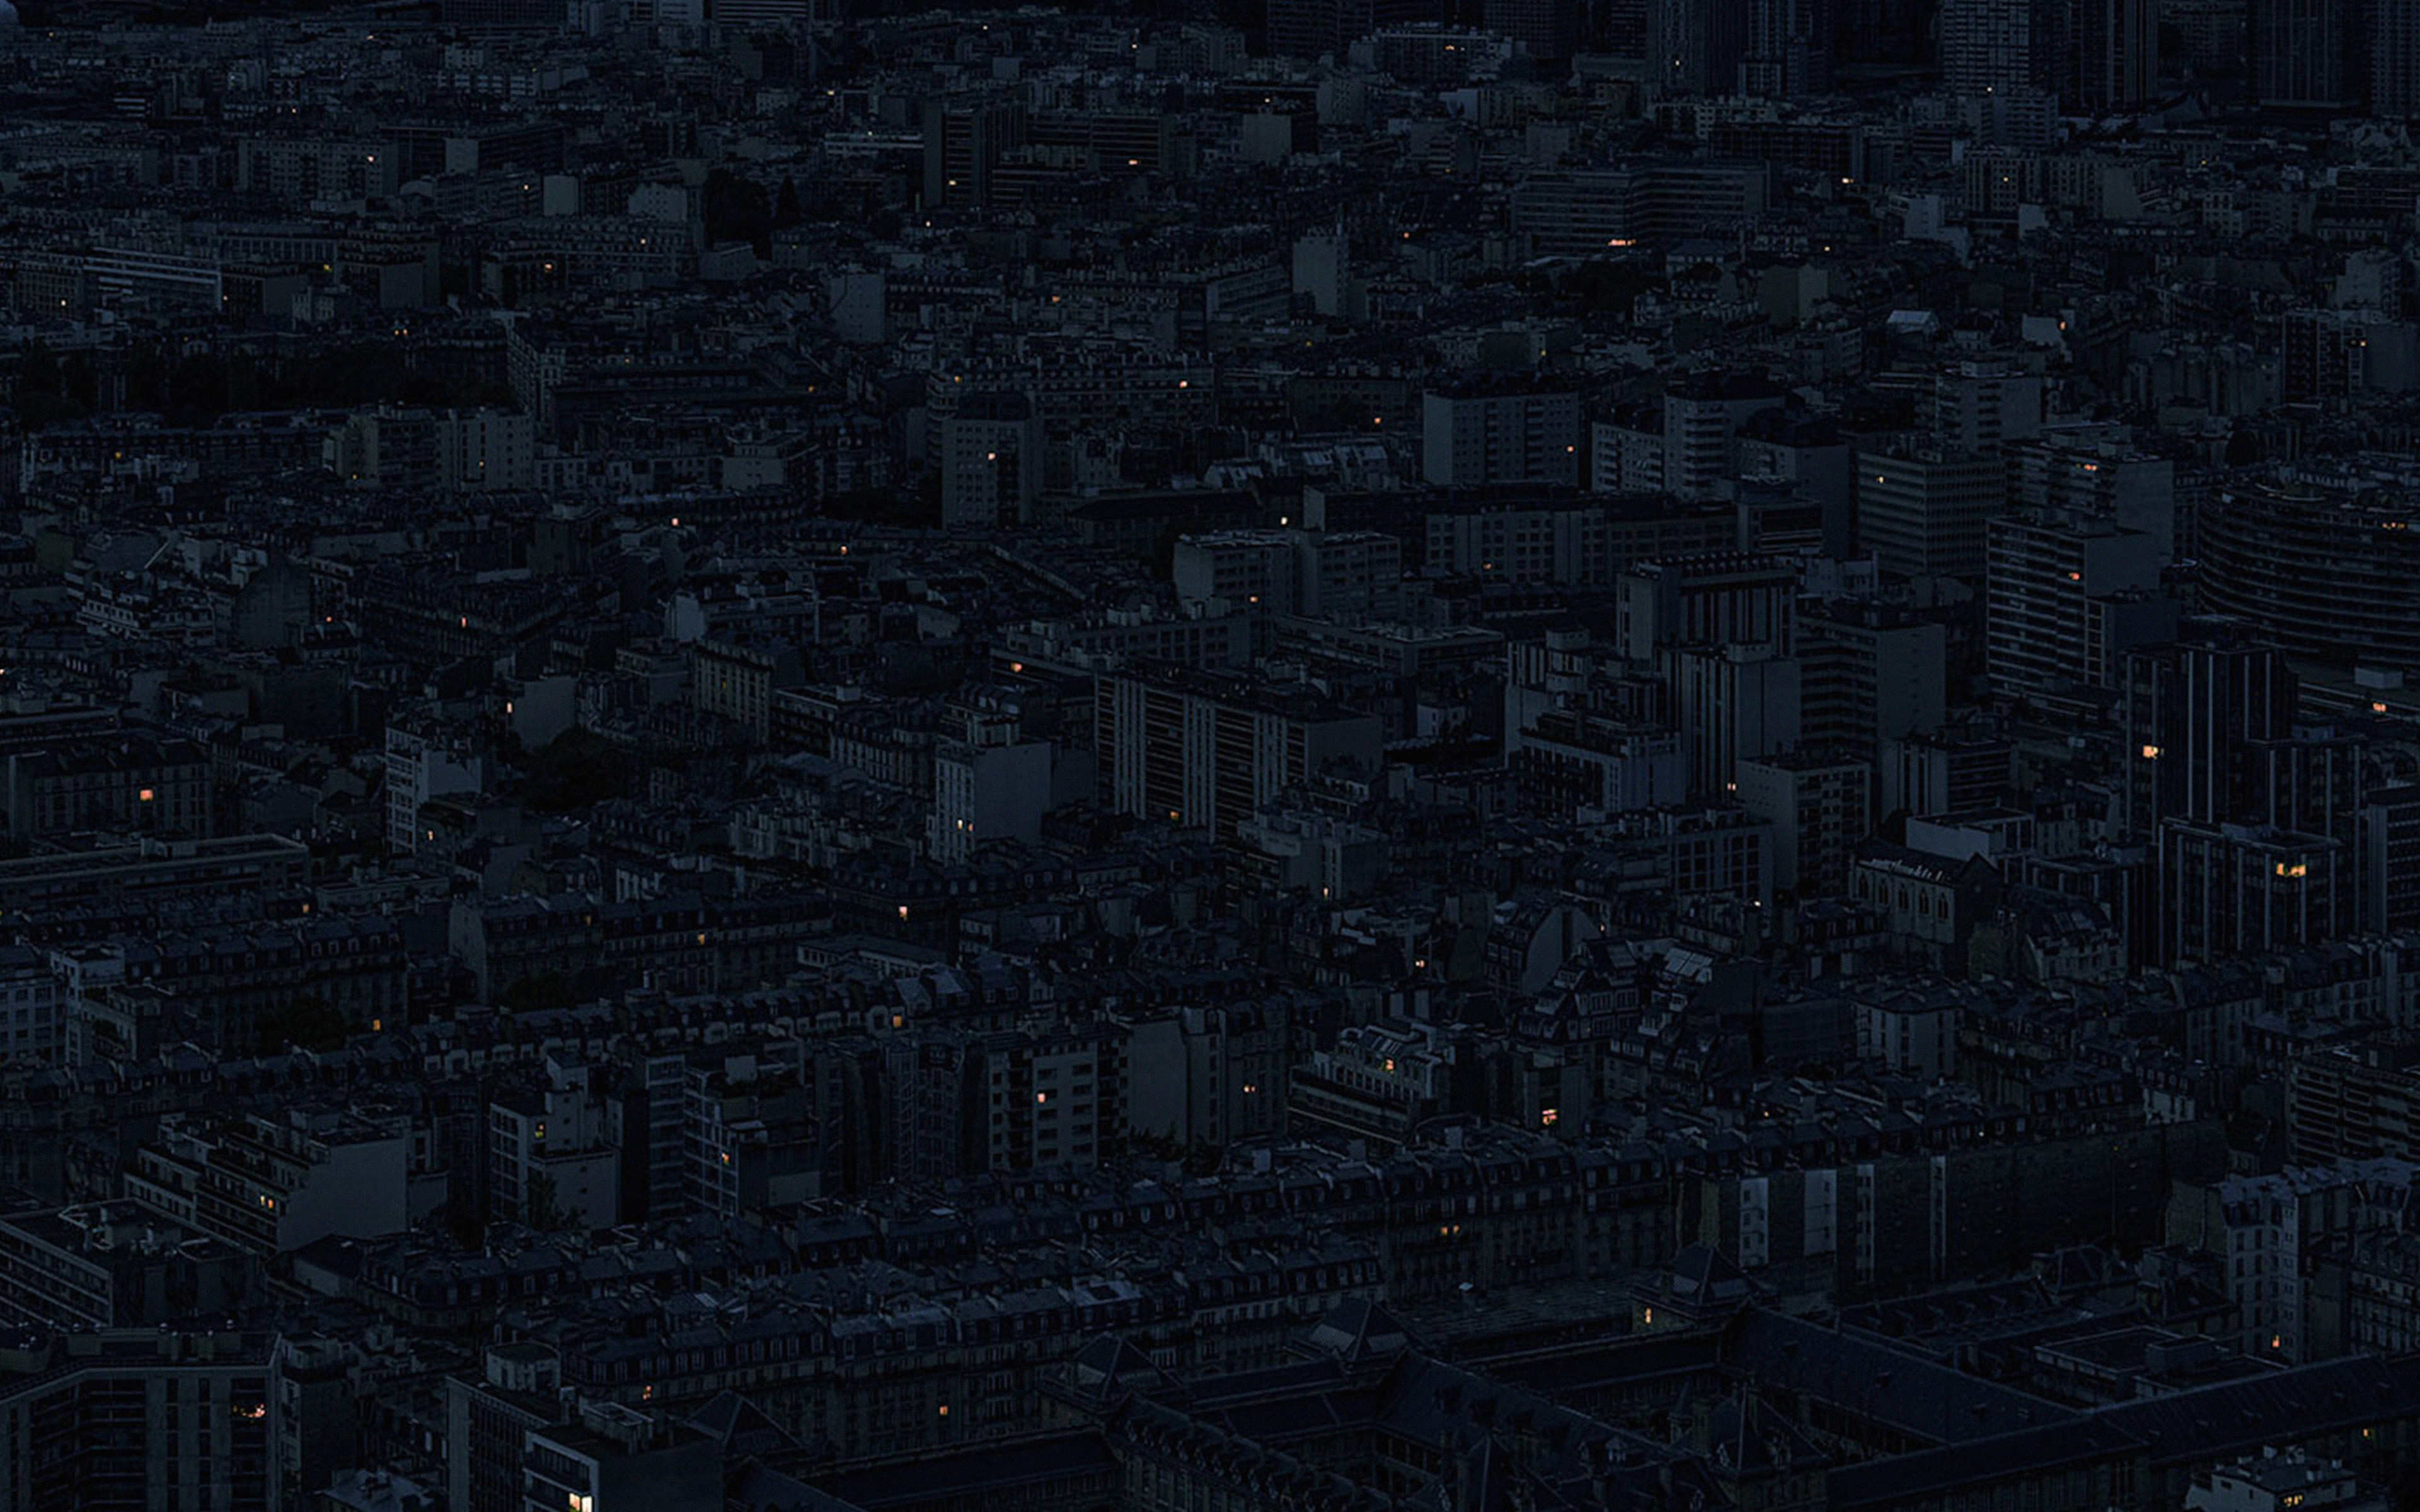 Bb39 Night City Dark Minimal Illustration Art Wallpaper